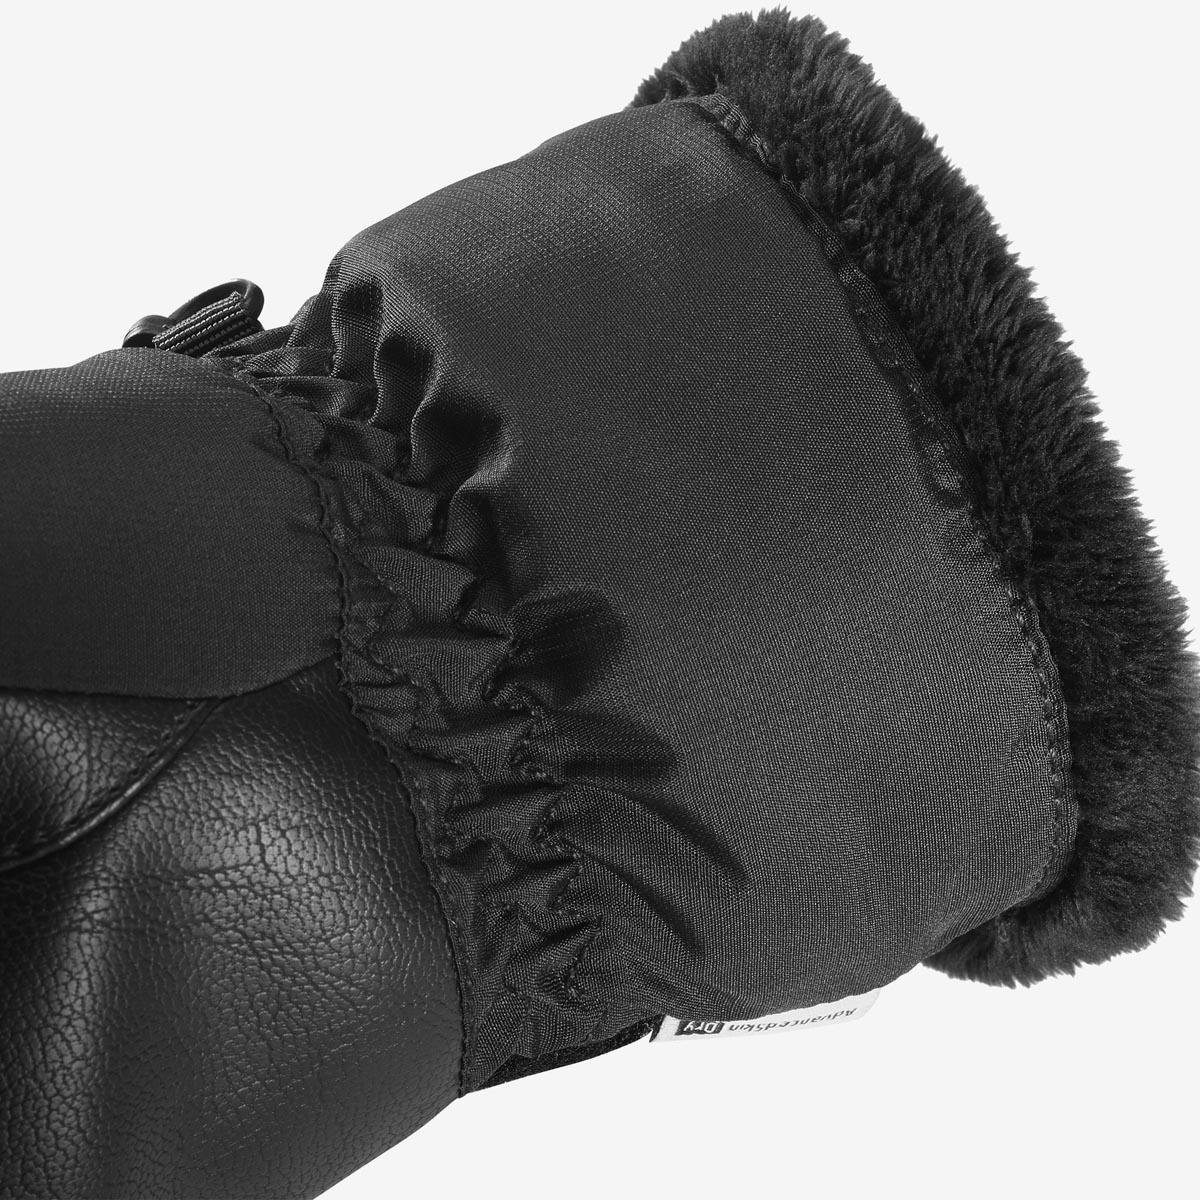 Перчатки FORCE DRY W